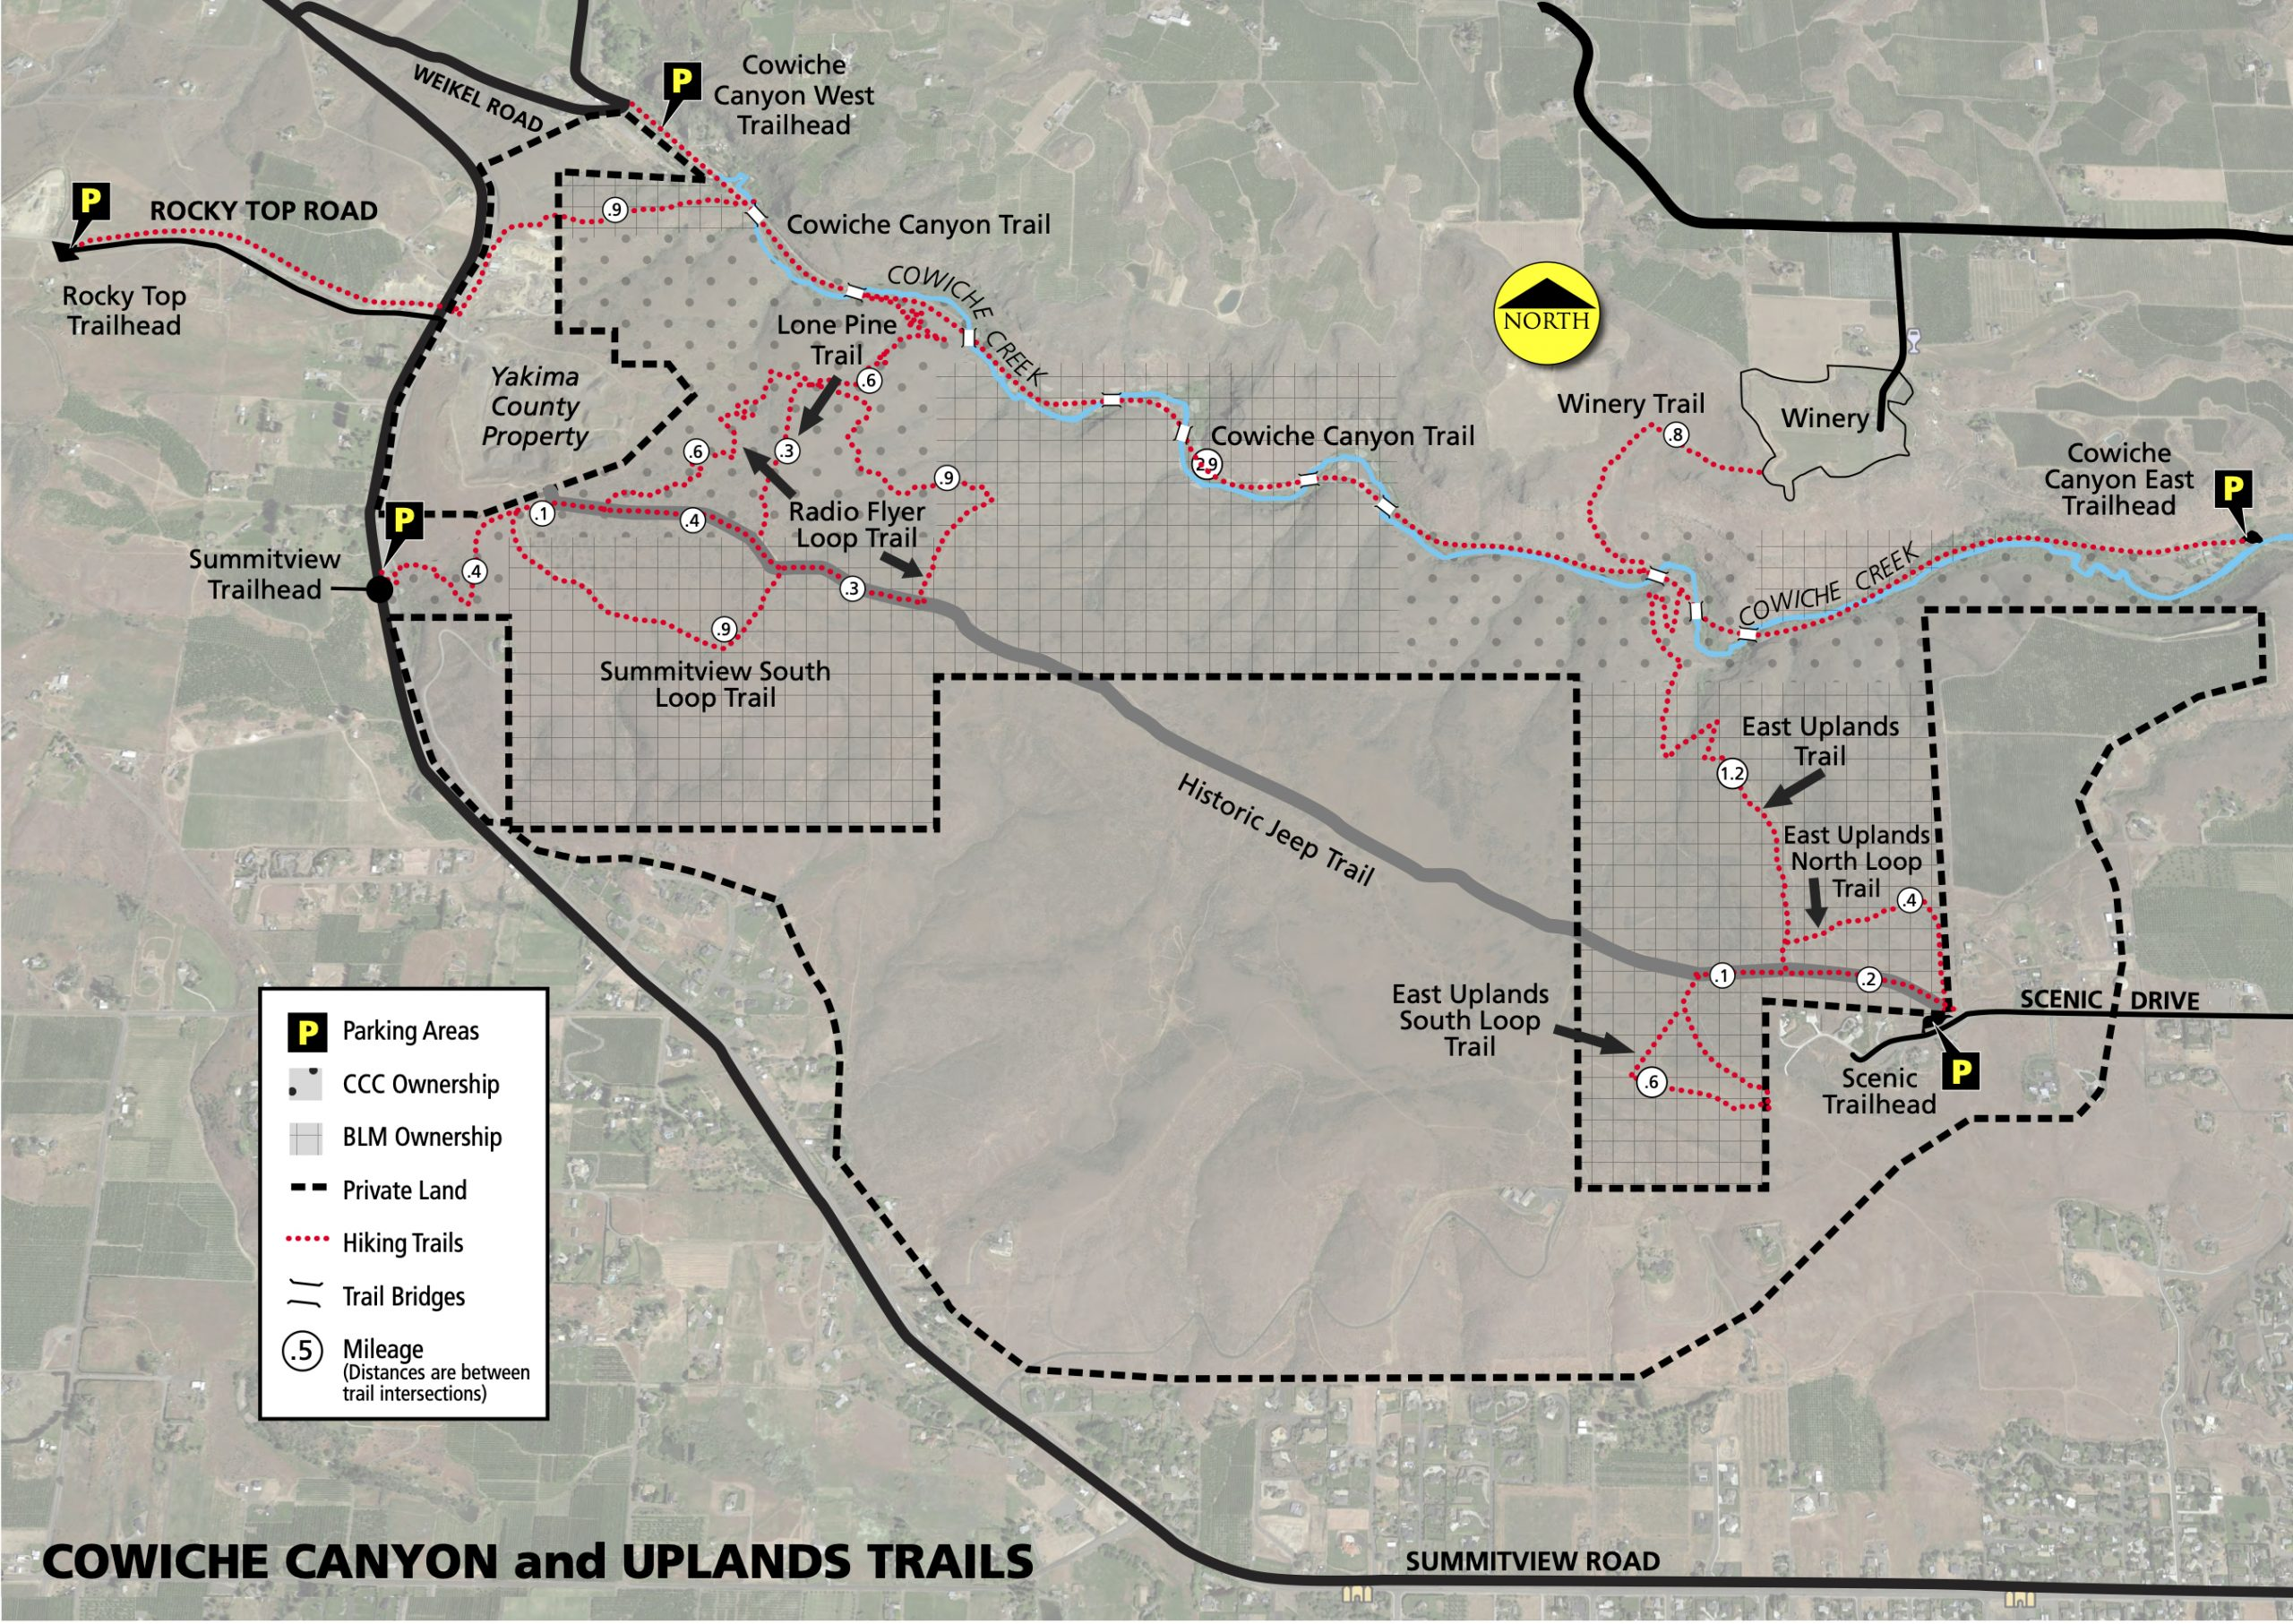 Cowiche Canyon Trail